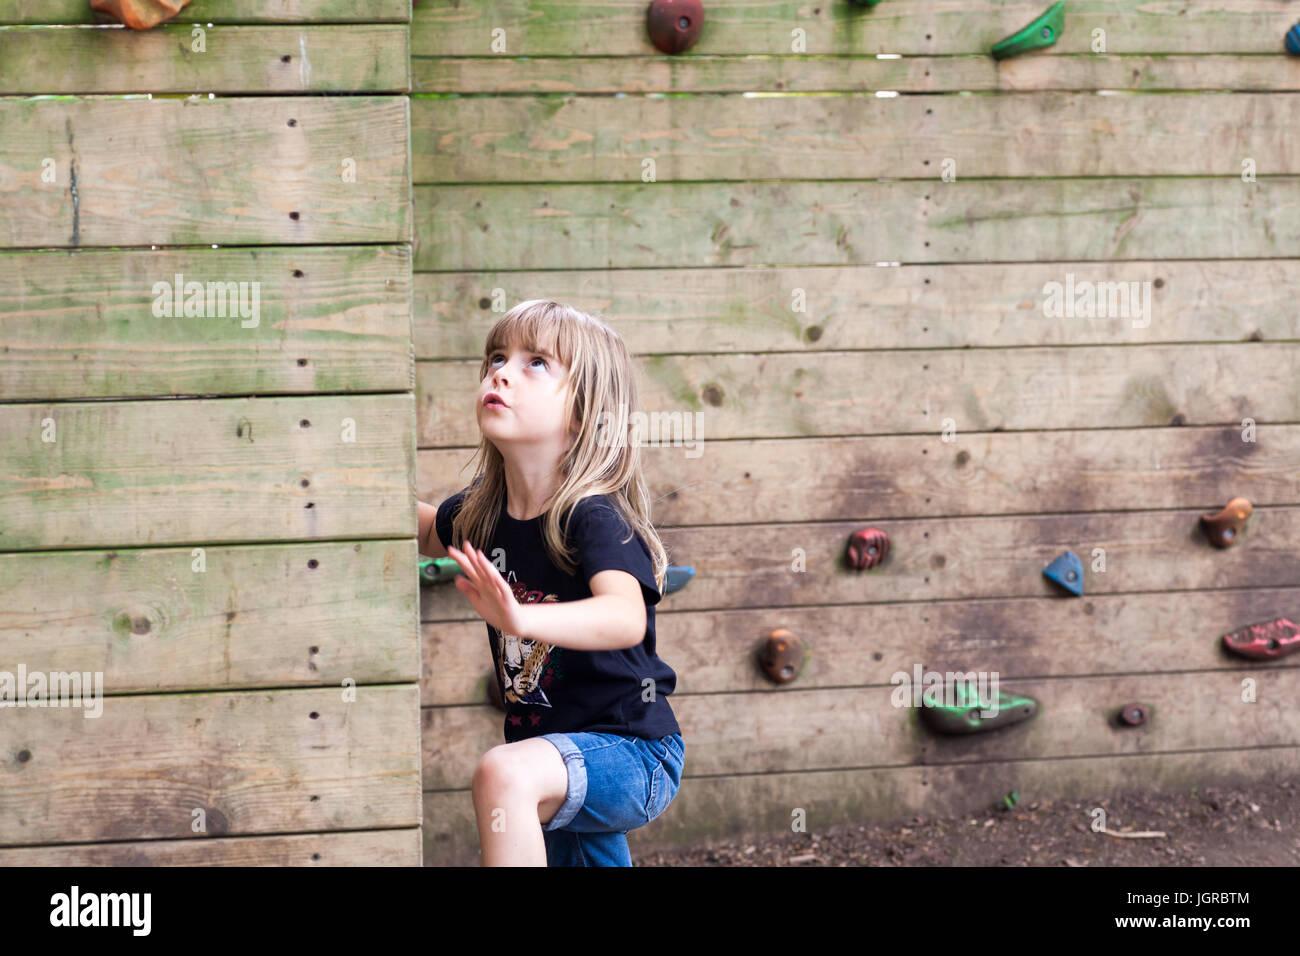 Menina começando a subir uma parede de escalada de madeira. cute criança com estilo de vida ativo físico Imagens de Stock